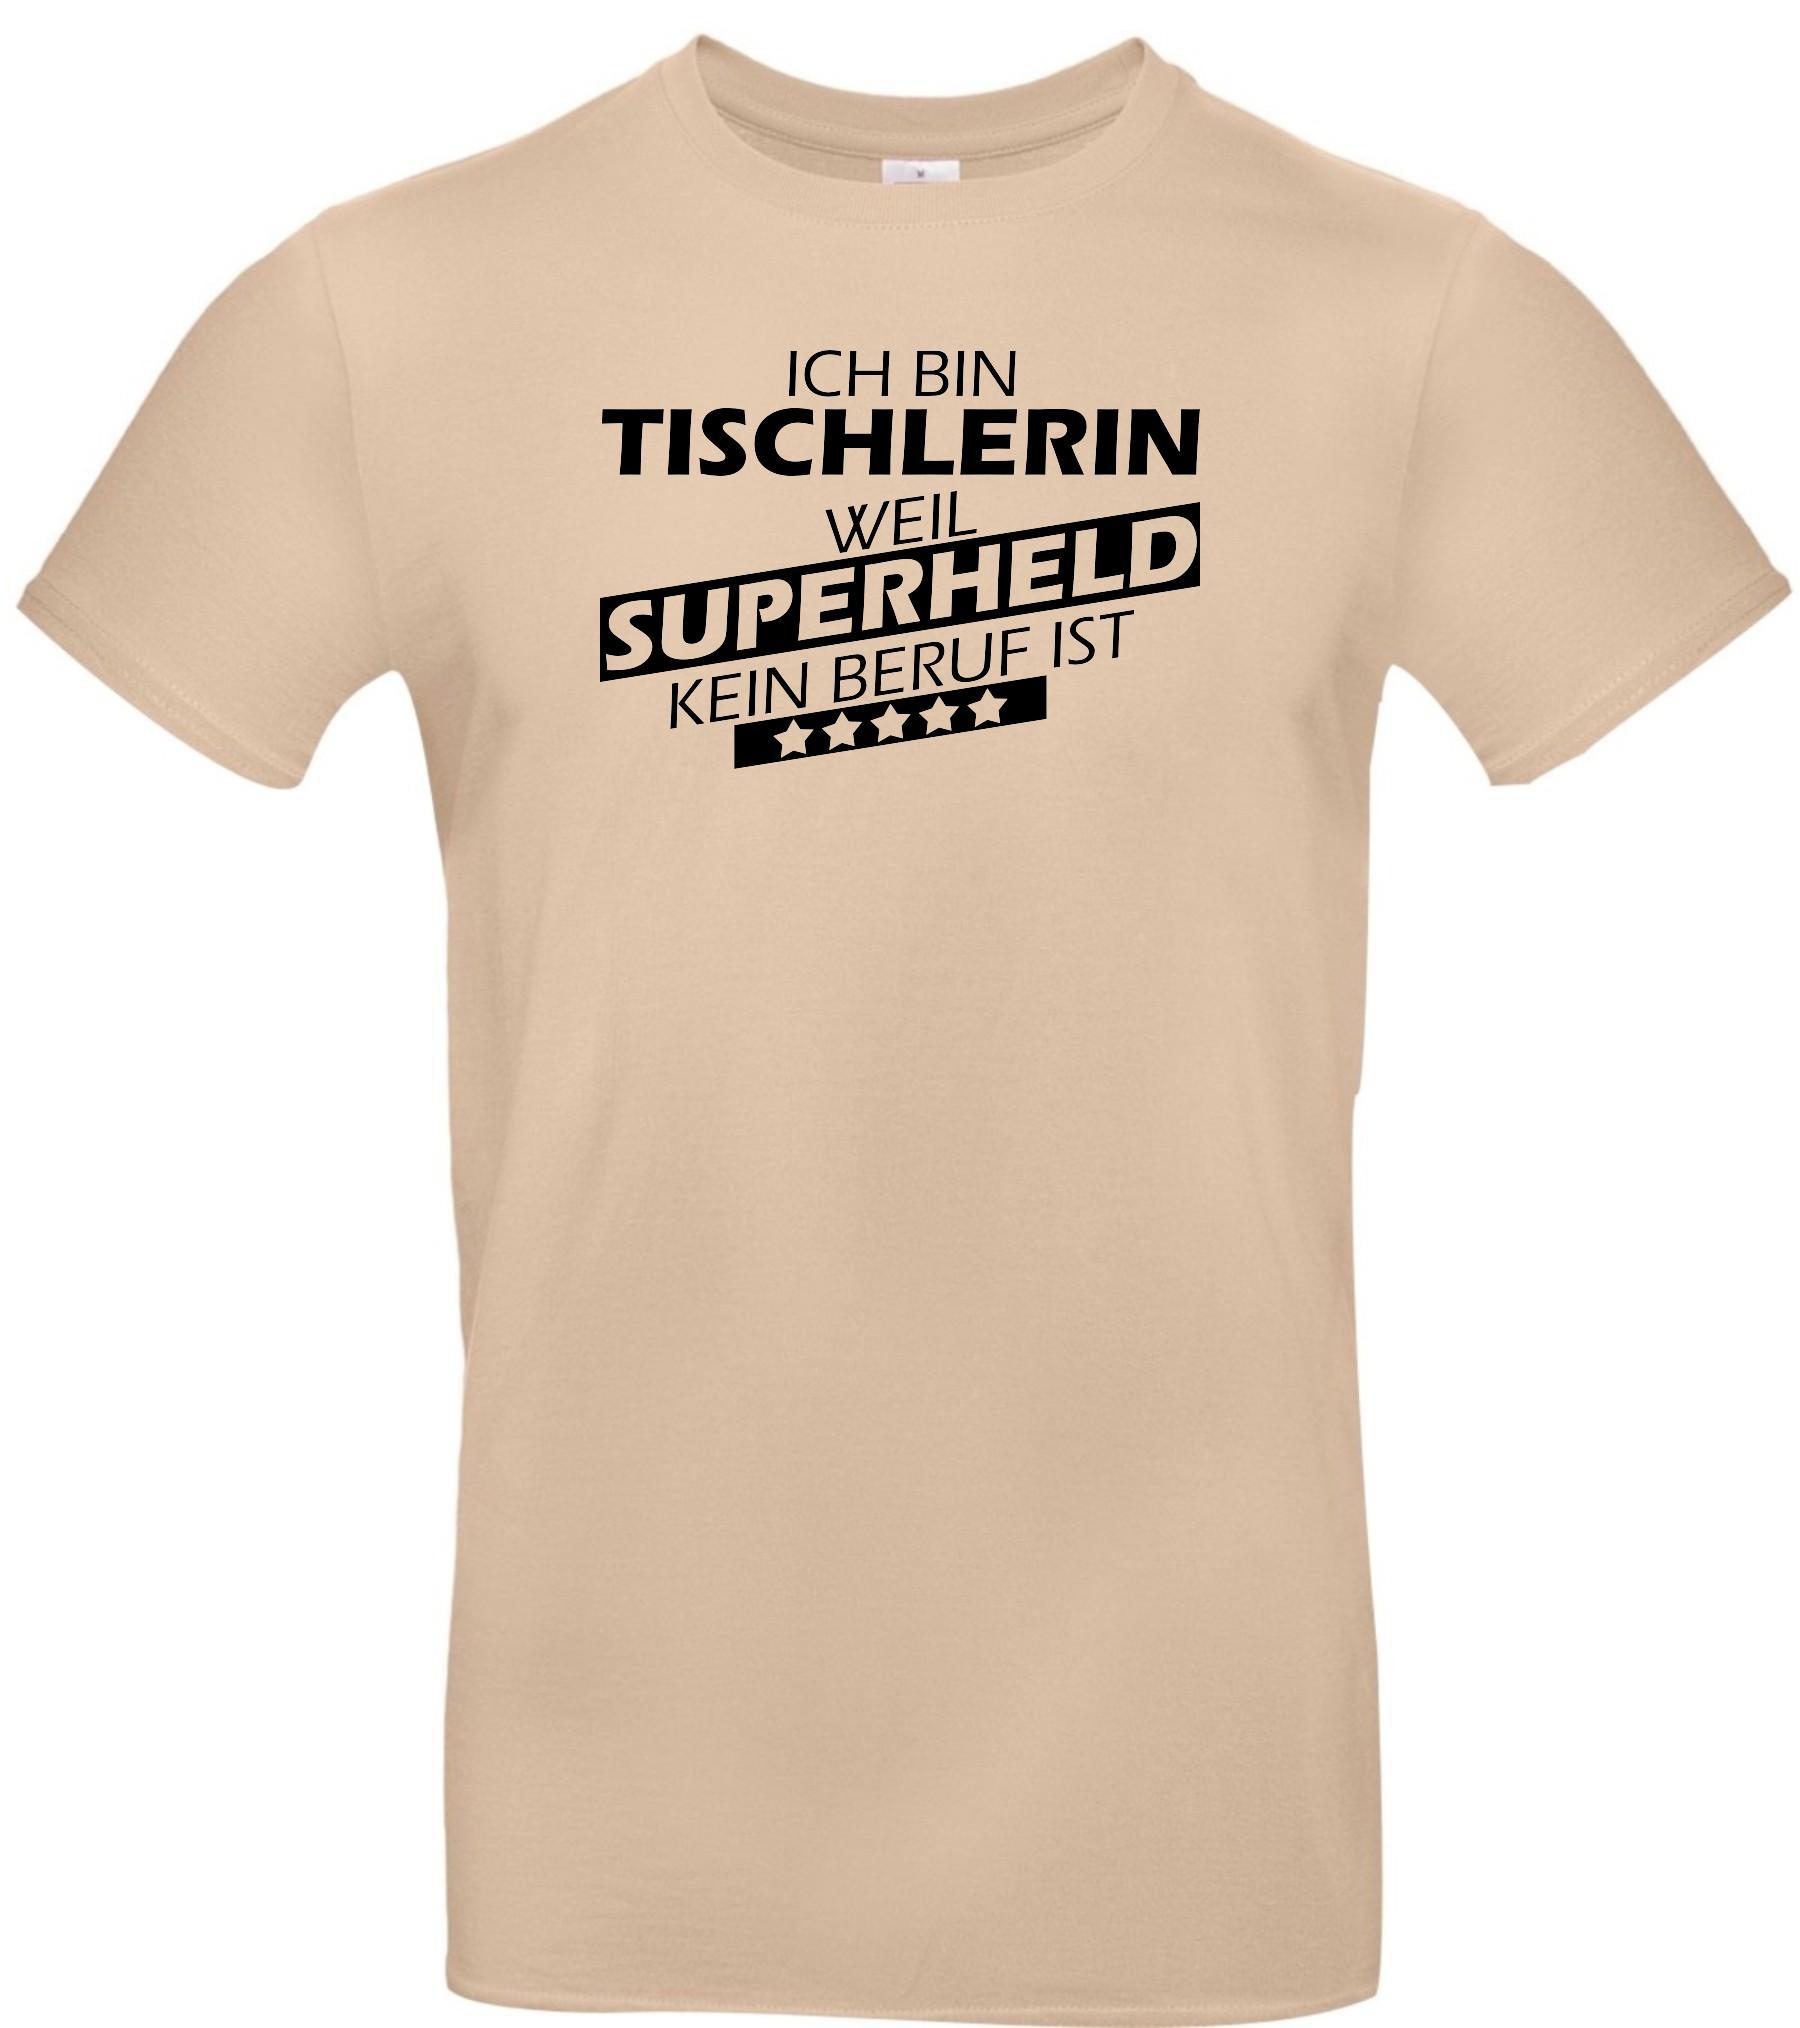 Maenner-Shirt-Ich-bin-Tischlerin-weil-Superheld-kein-Beruf-ist